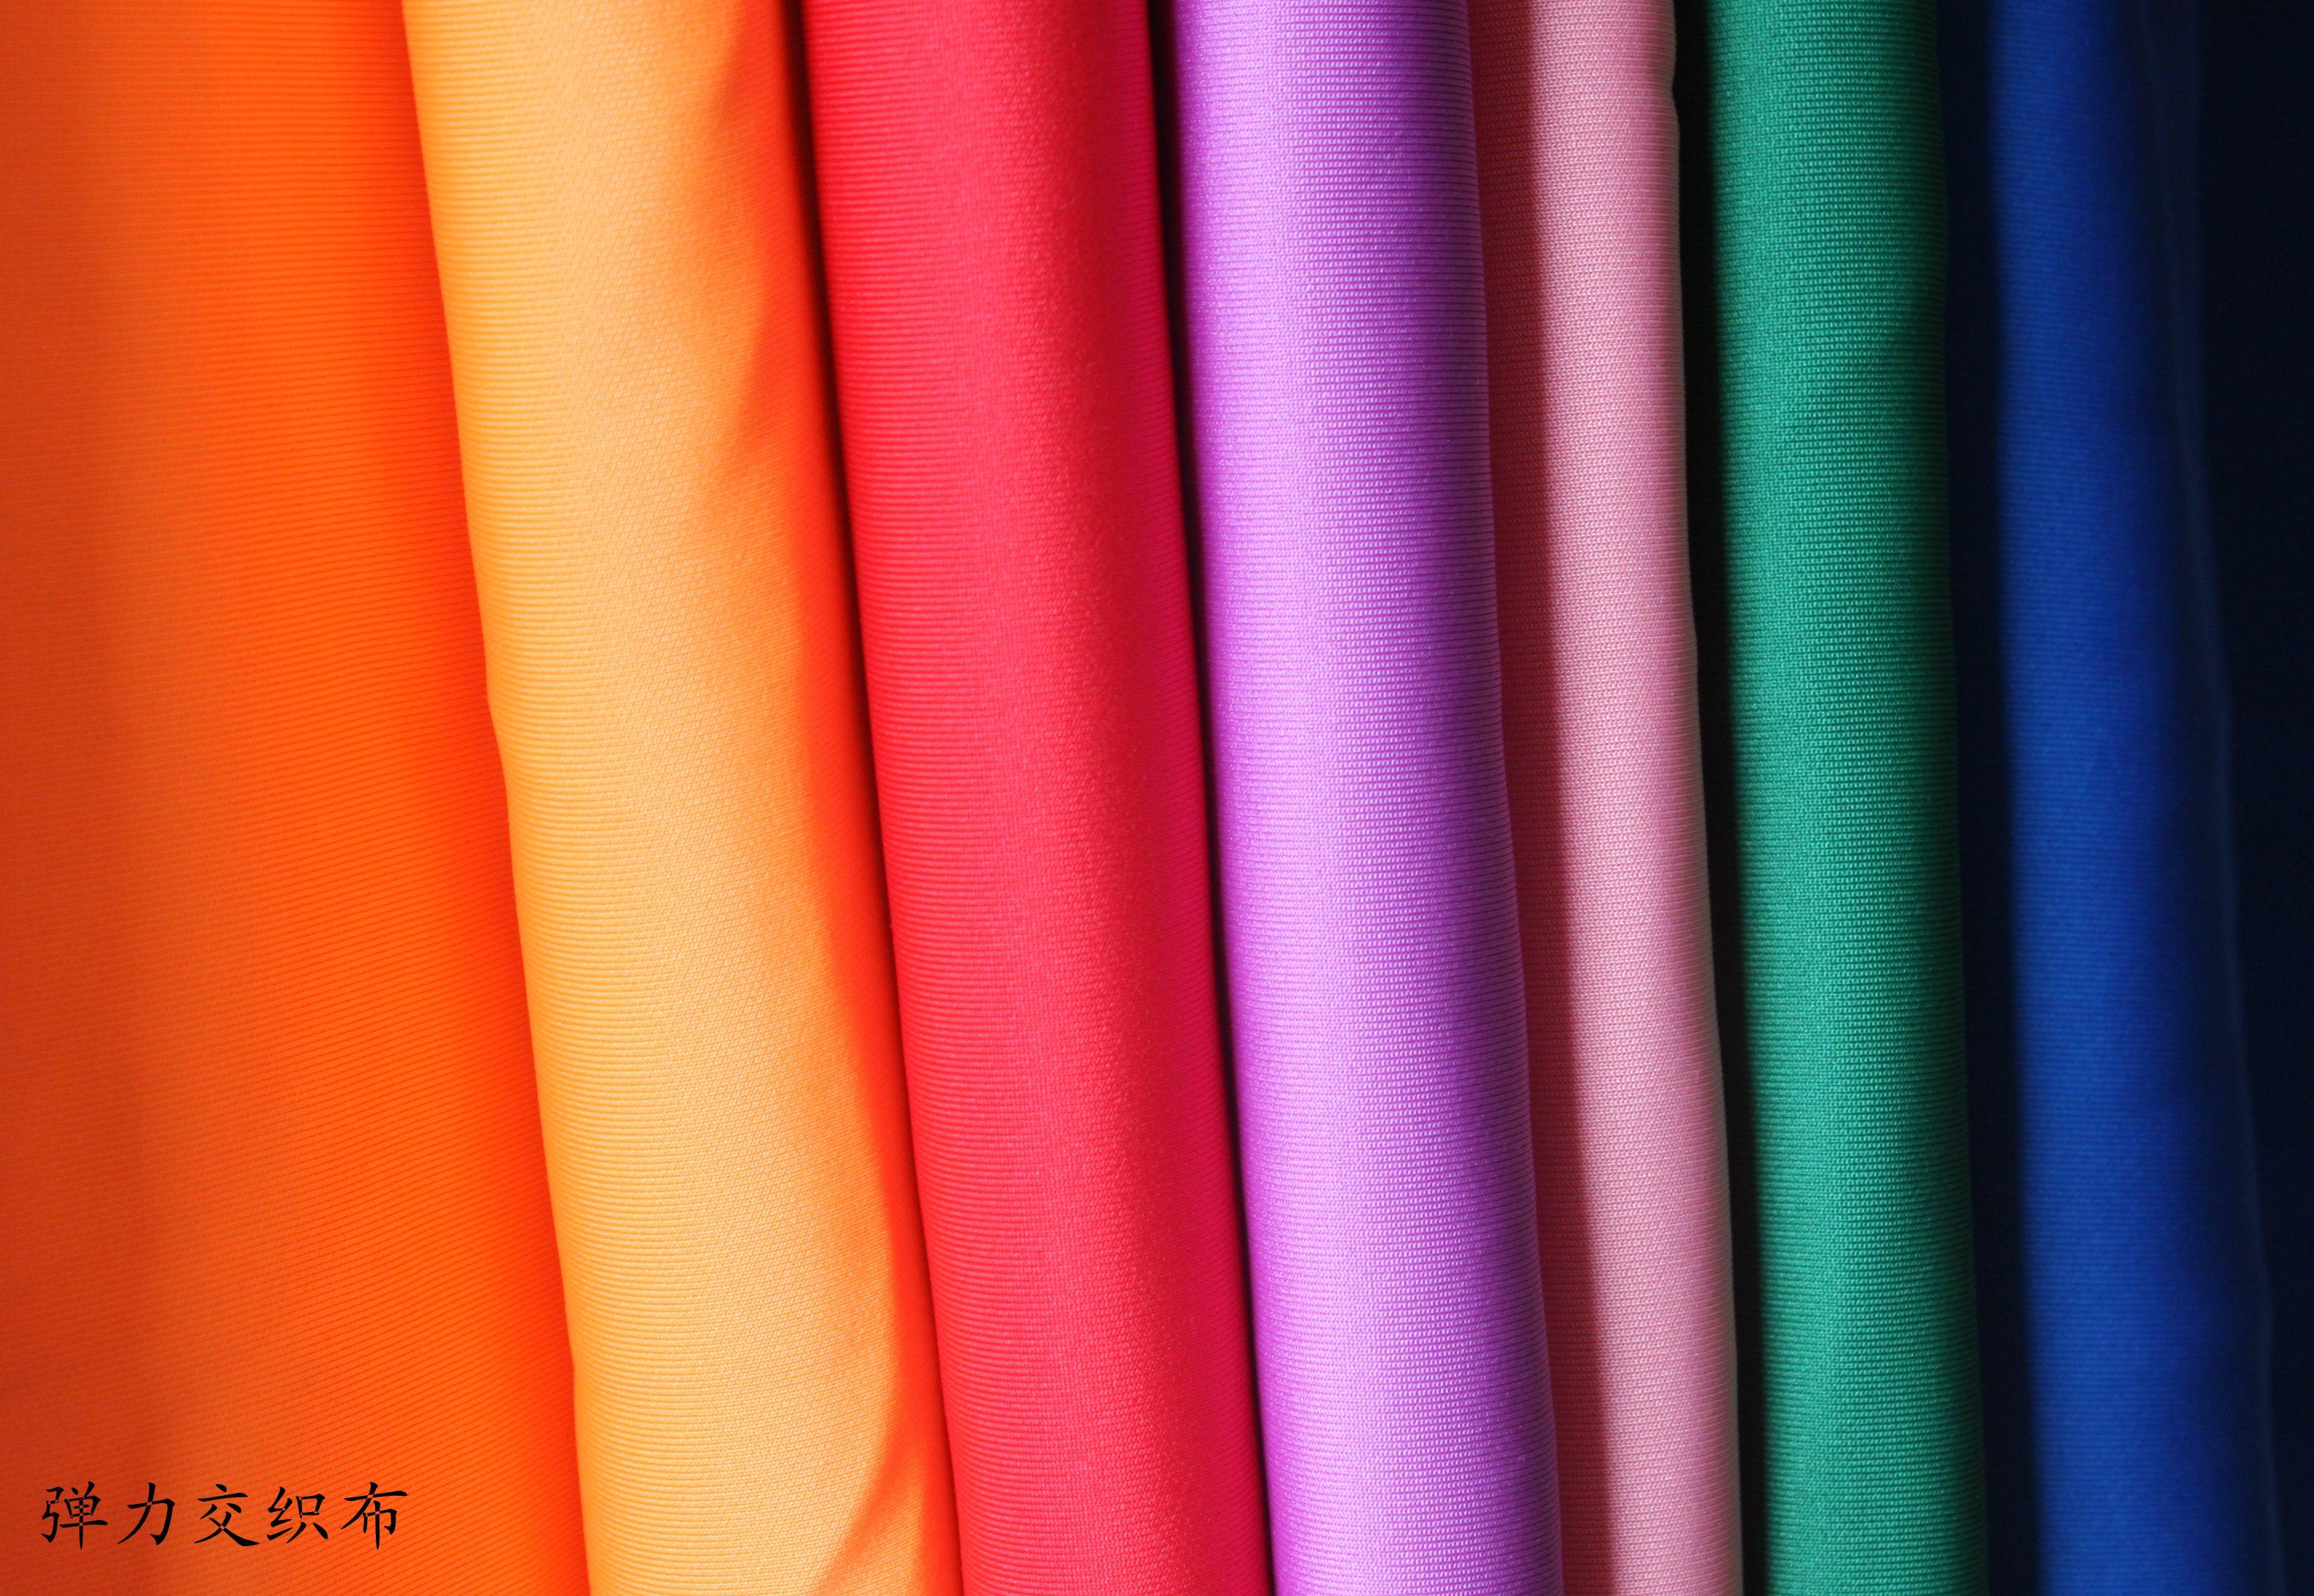 涤安双面交织布公司,有品质的涤安双面交织布批发